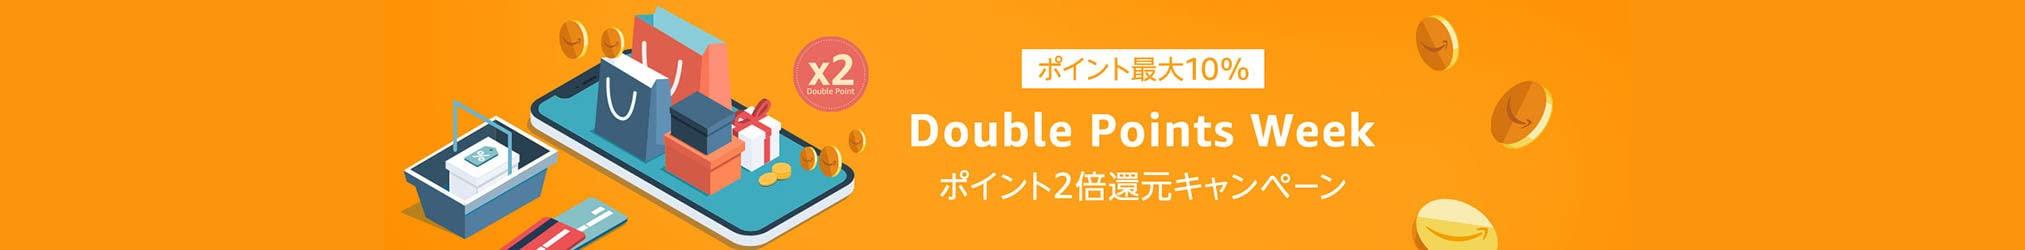 DoublePointsWeek